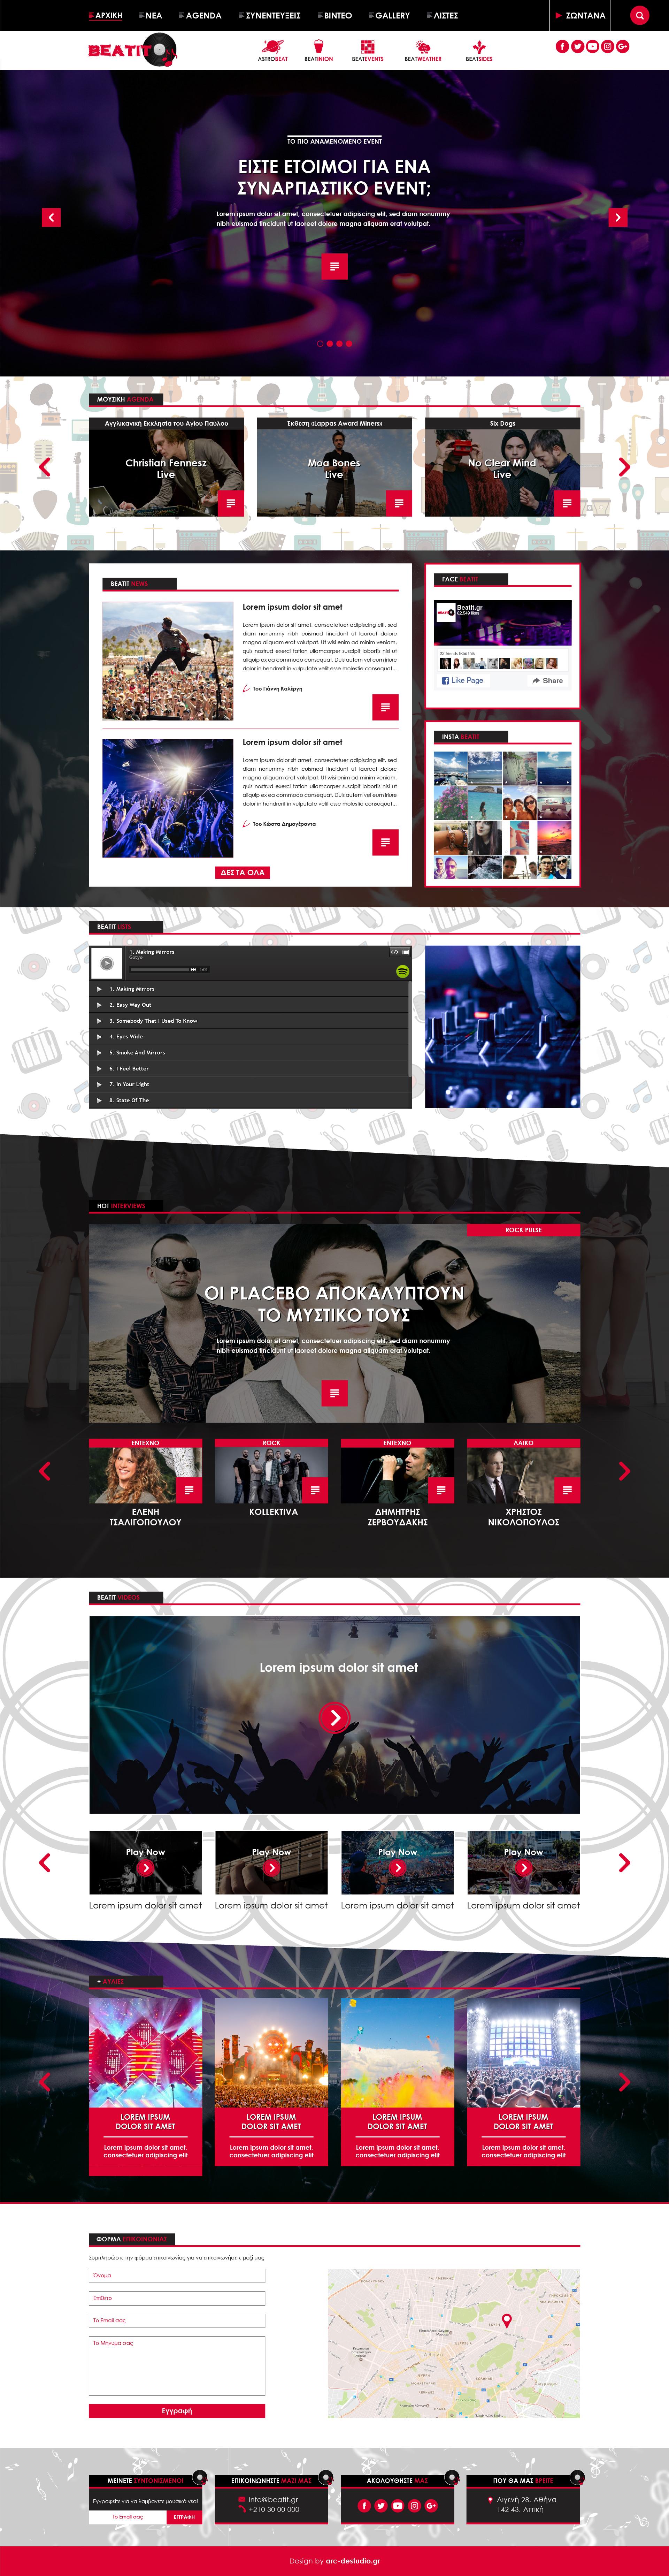 Πρόταση για σχεδιασμό ιστοσελίδας BEAT-IT